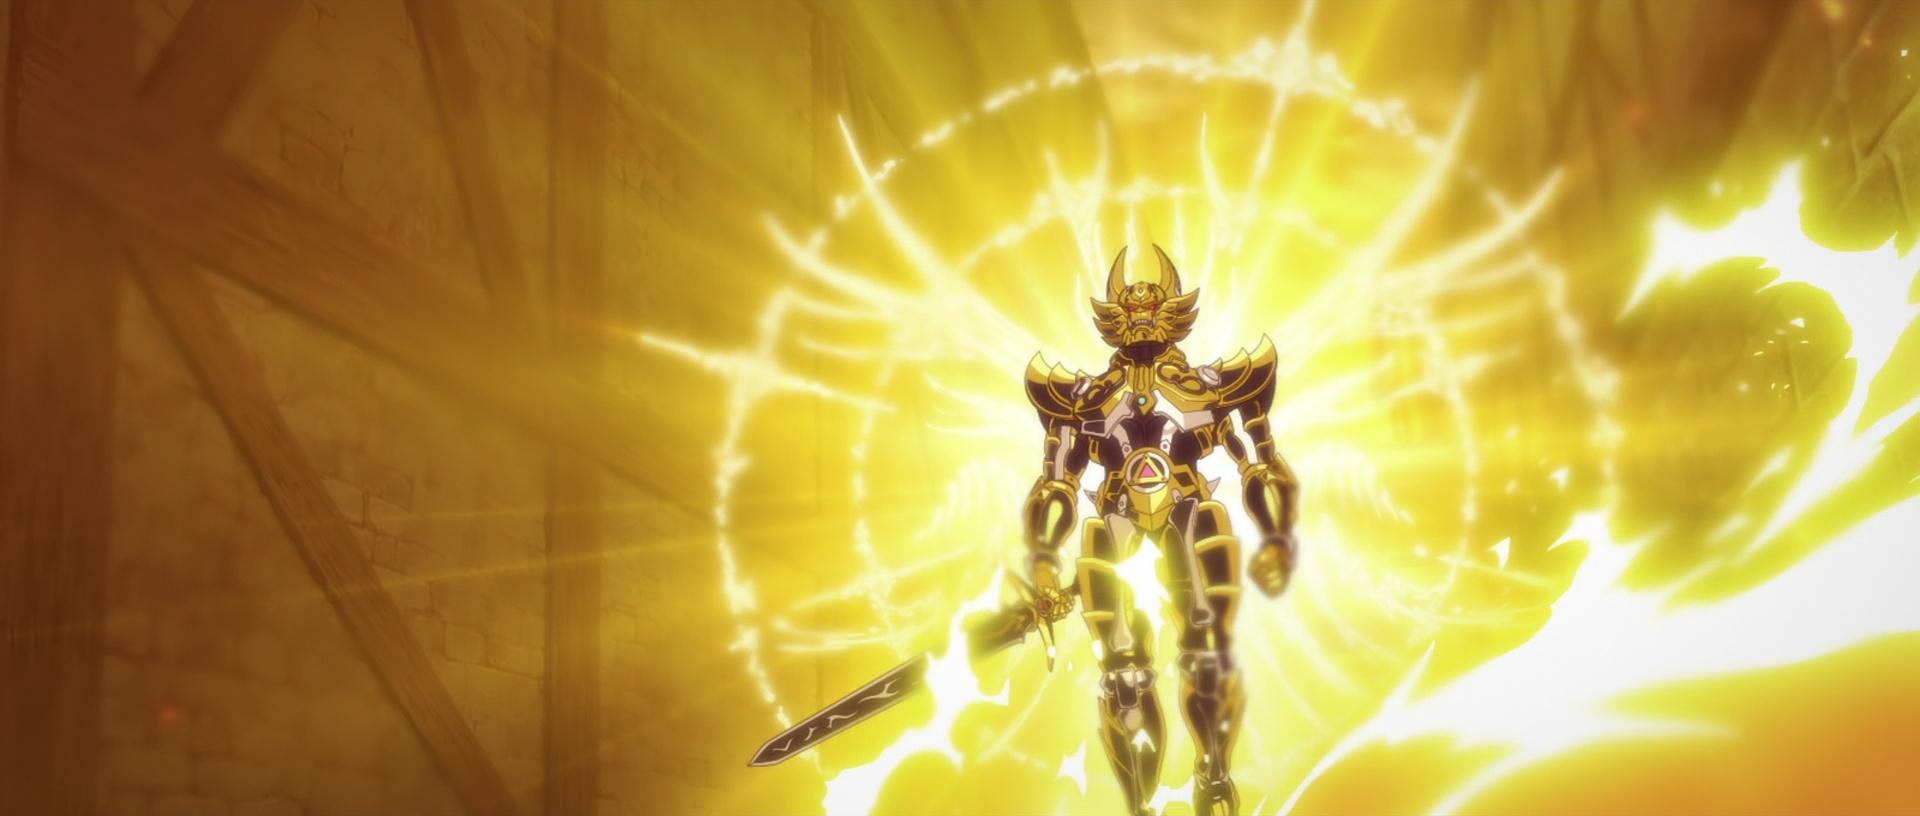 黄金騎士ガロ(炎の刻印)